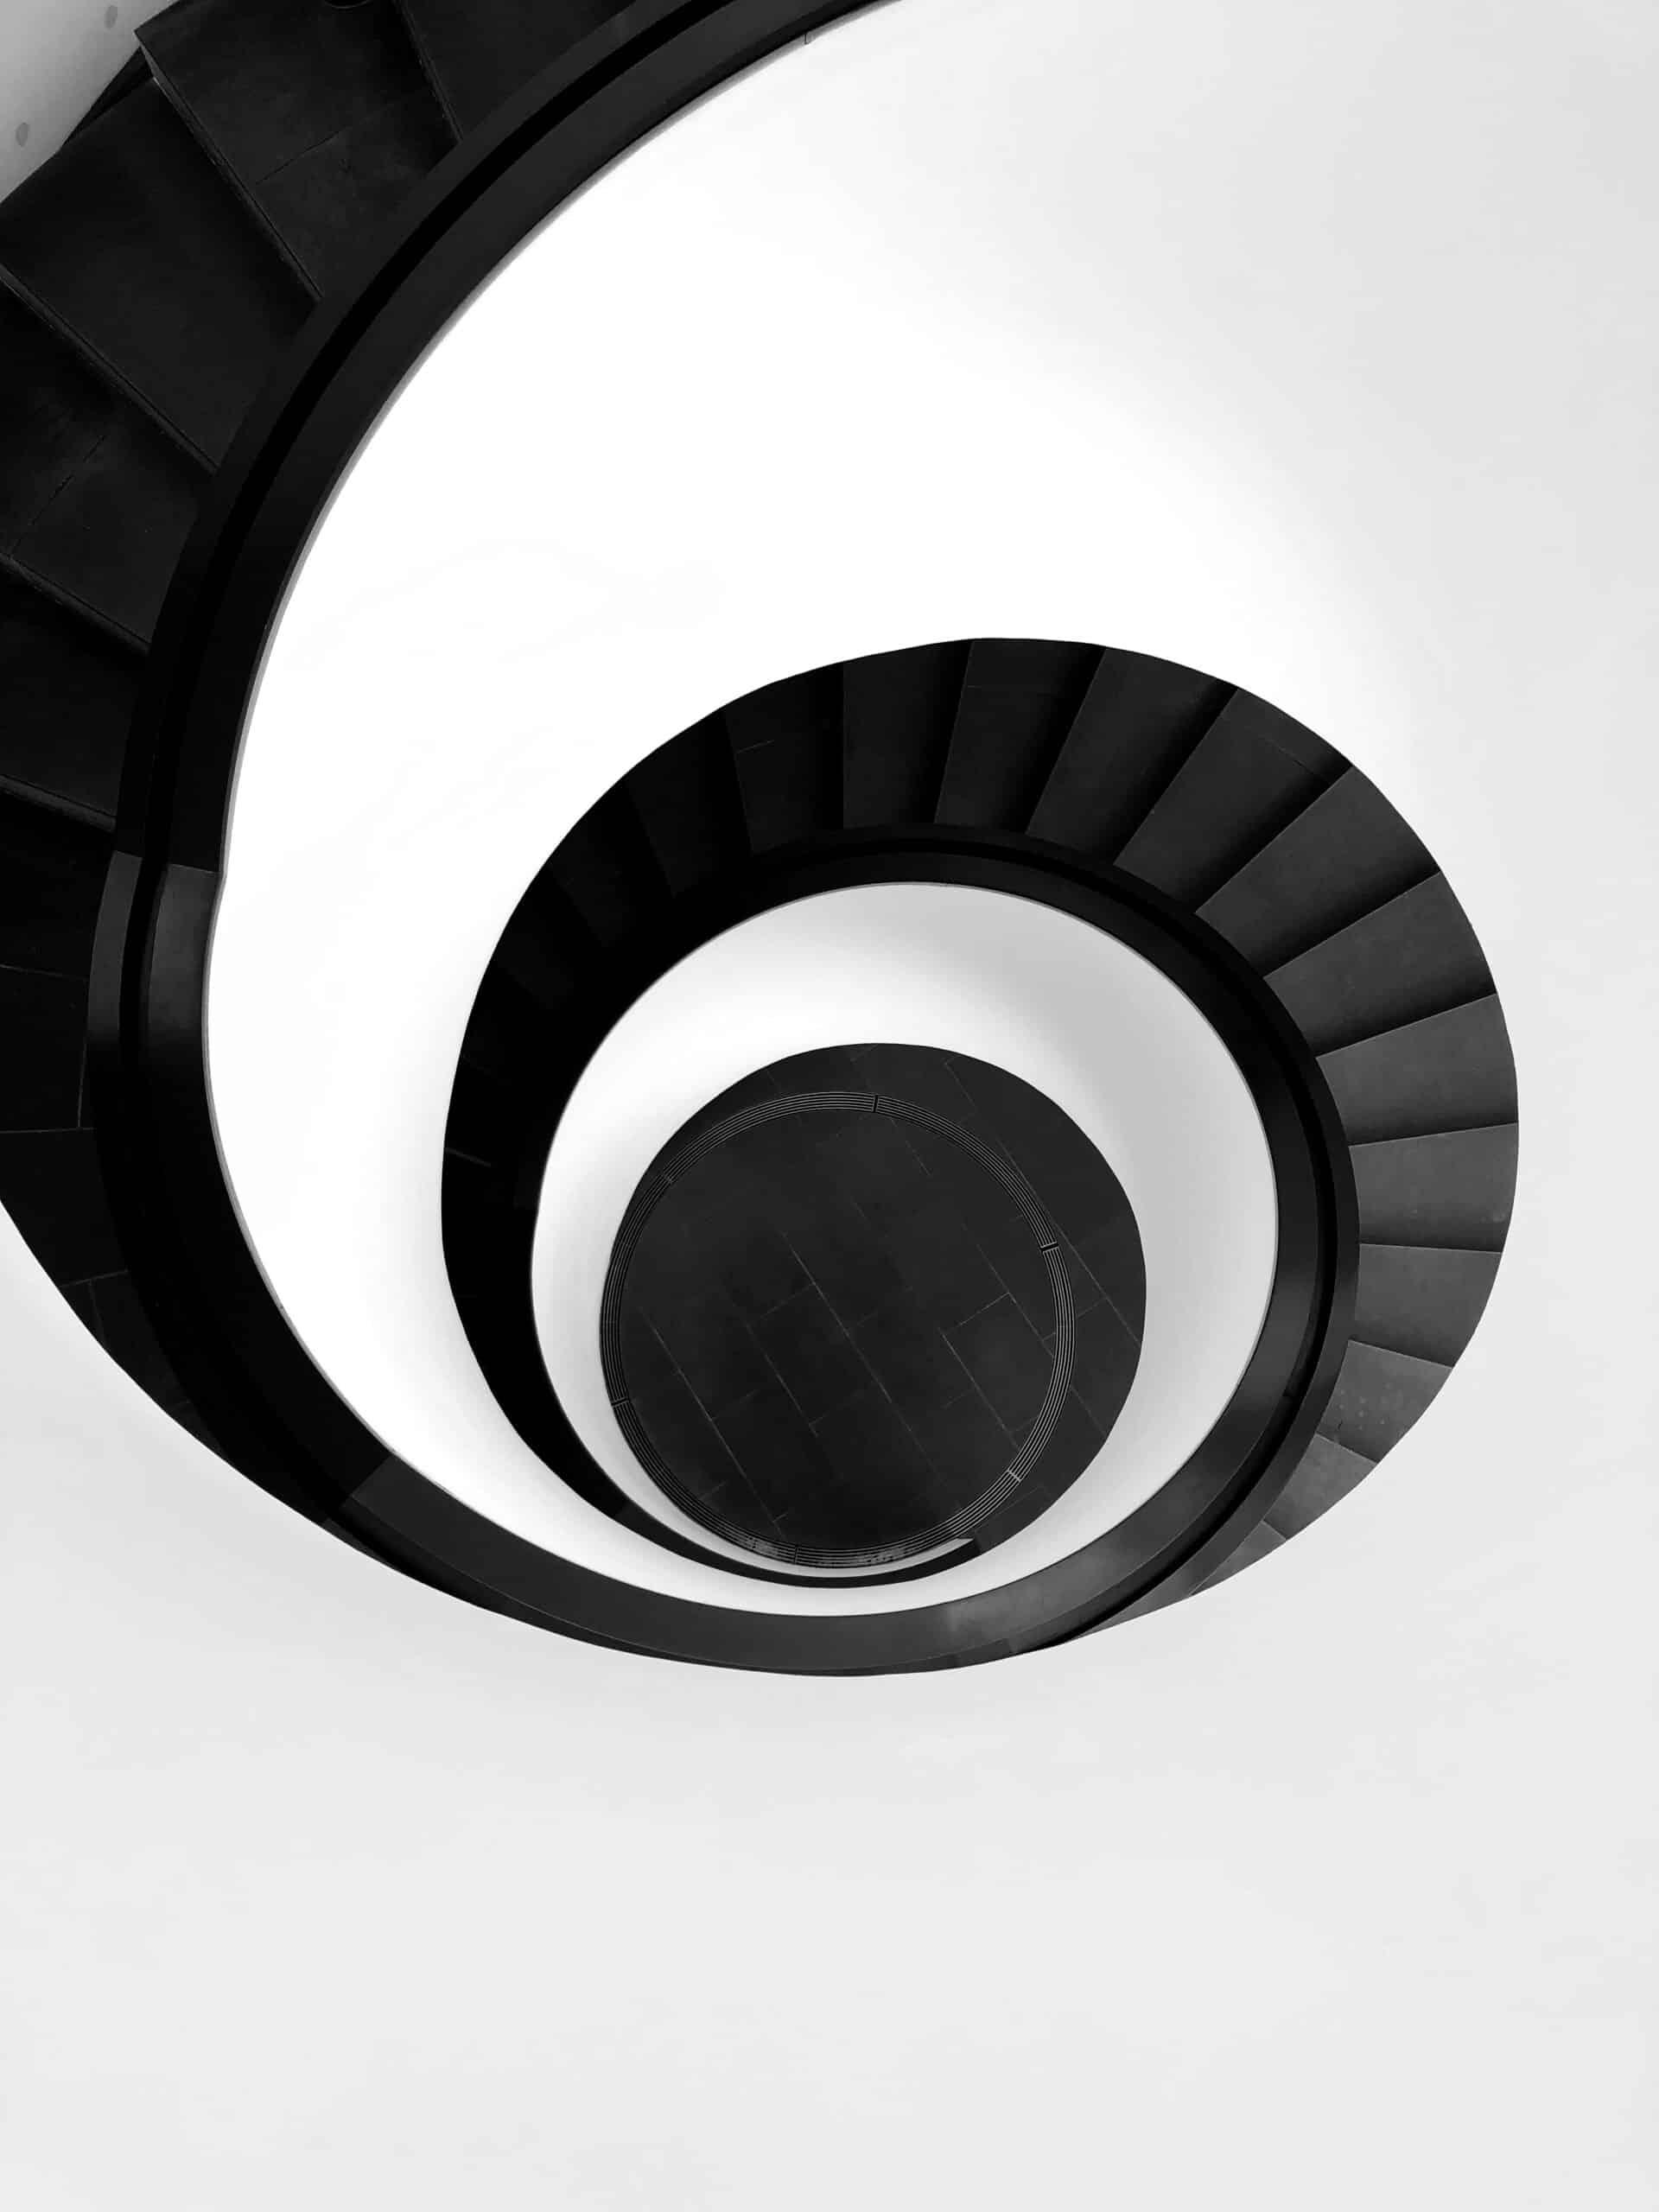 pexels-robin-schreiner-2438212